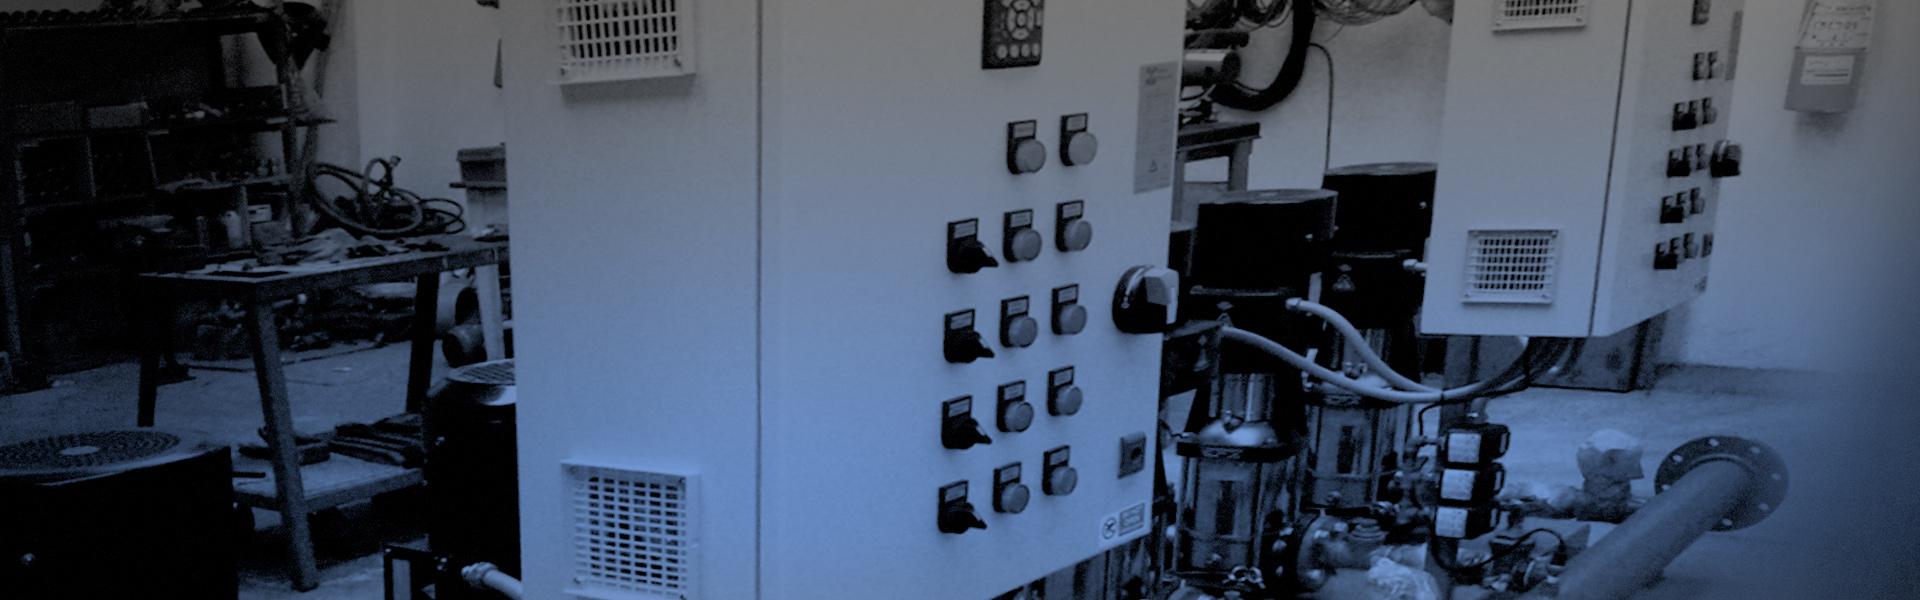 Iacol ingenieros - Líderes en conducción de fluidos